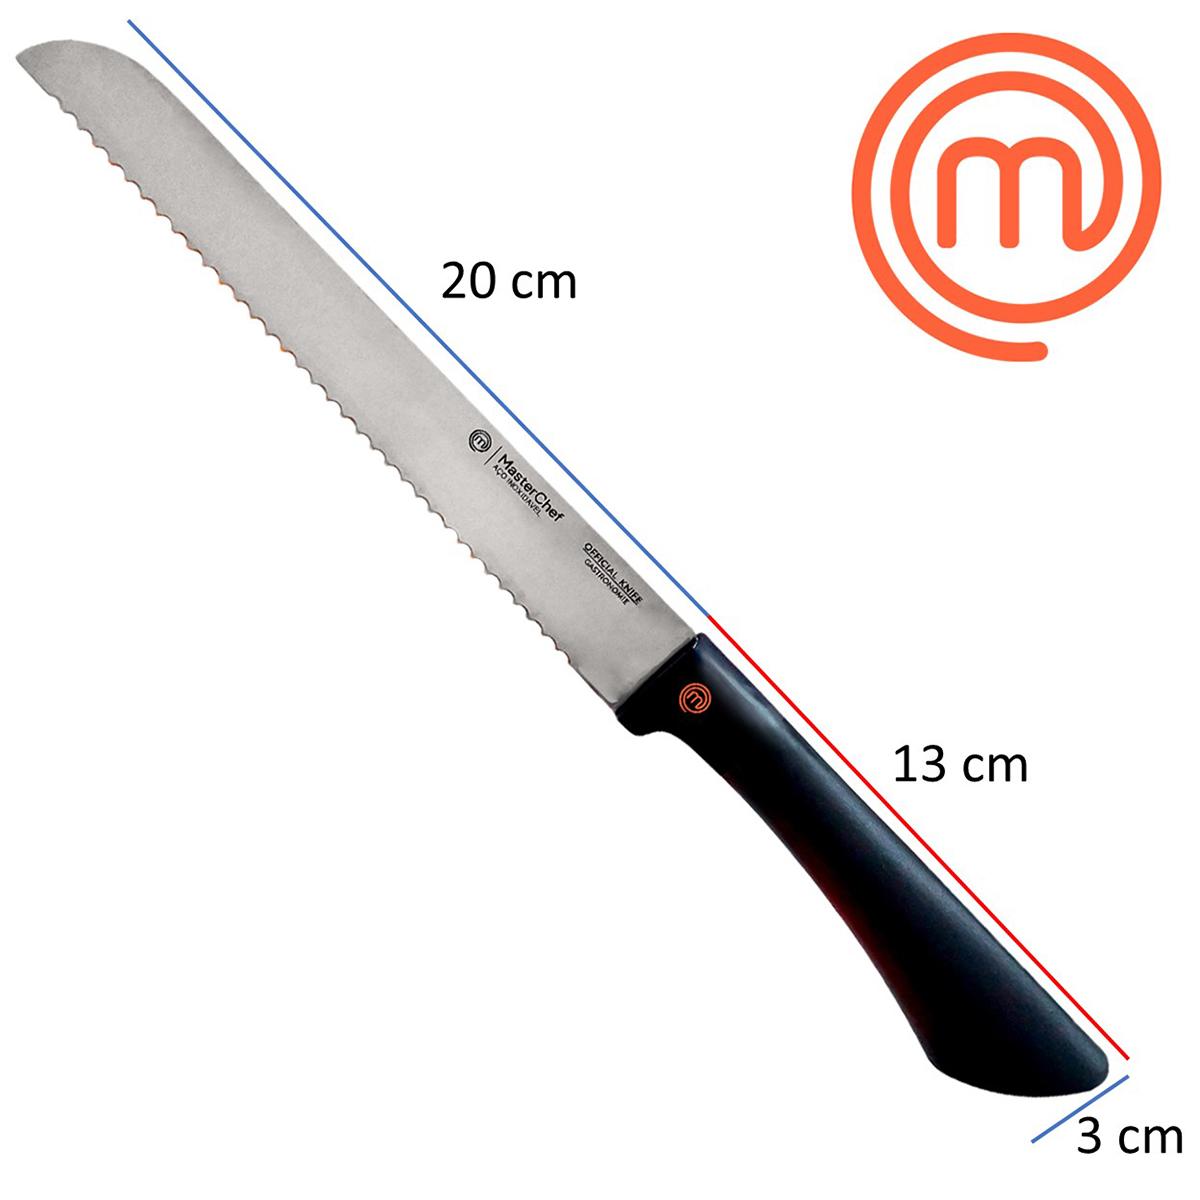 Faca 8 Pão Official Knife Gastronomie MasterChef